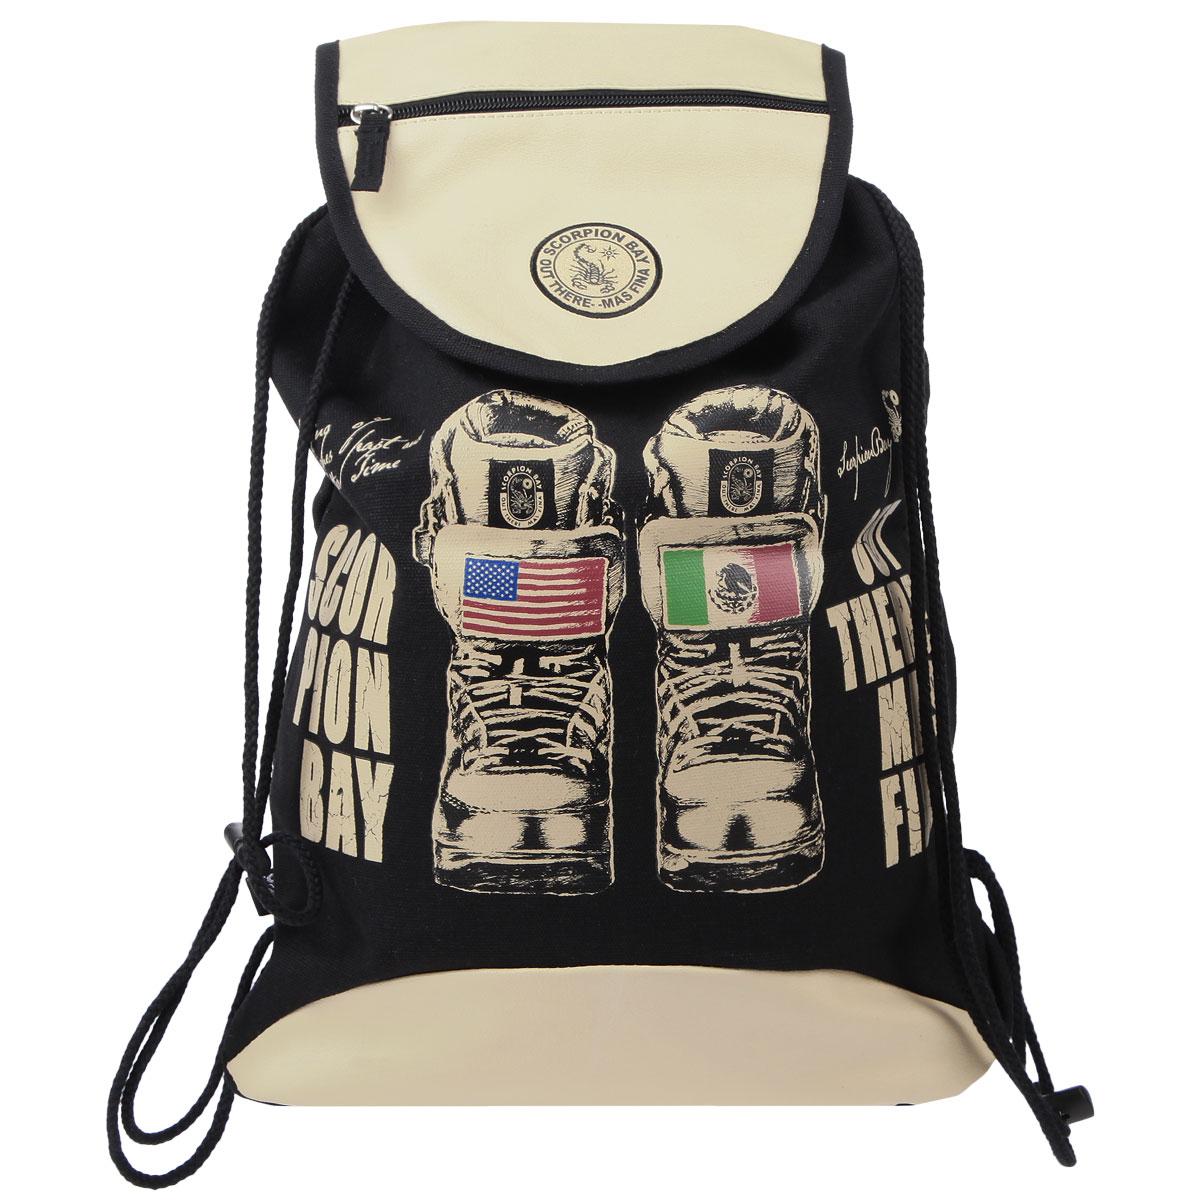 цена на Сумка-рюкзак для обуви Scorpion Bay, цвет: бежевый, черный